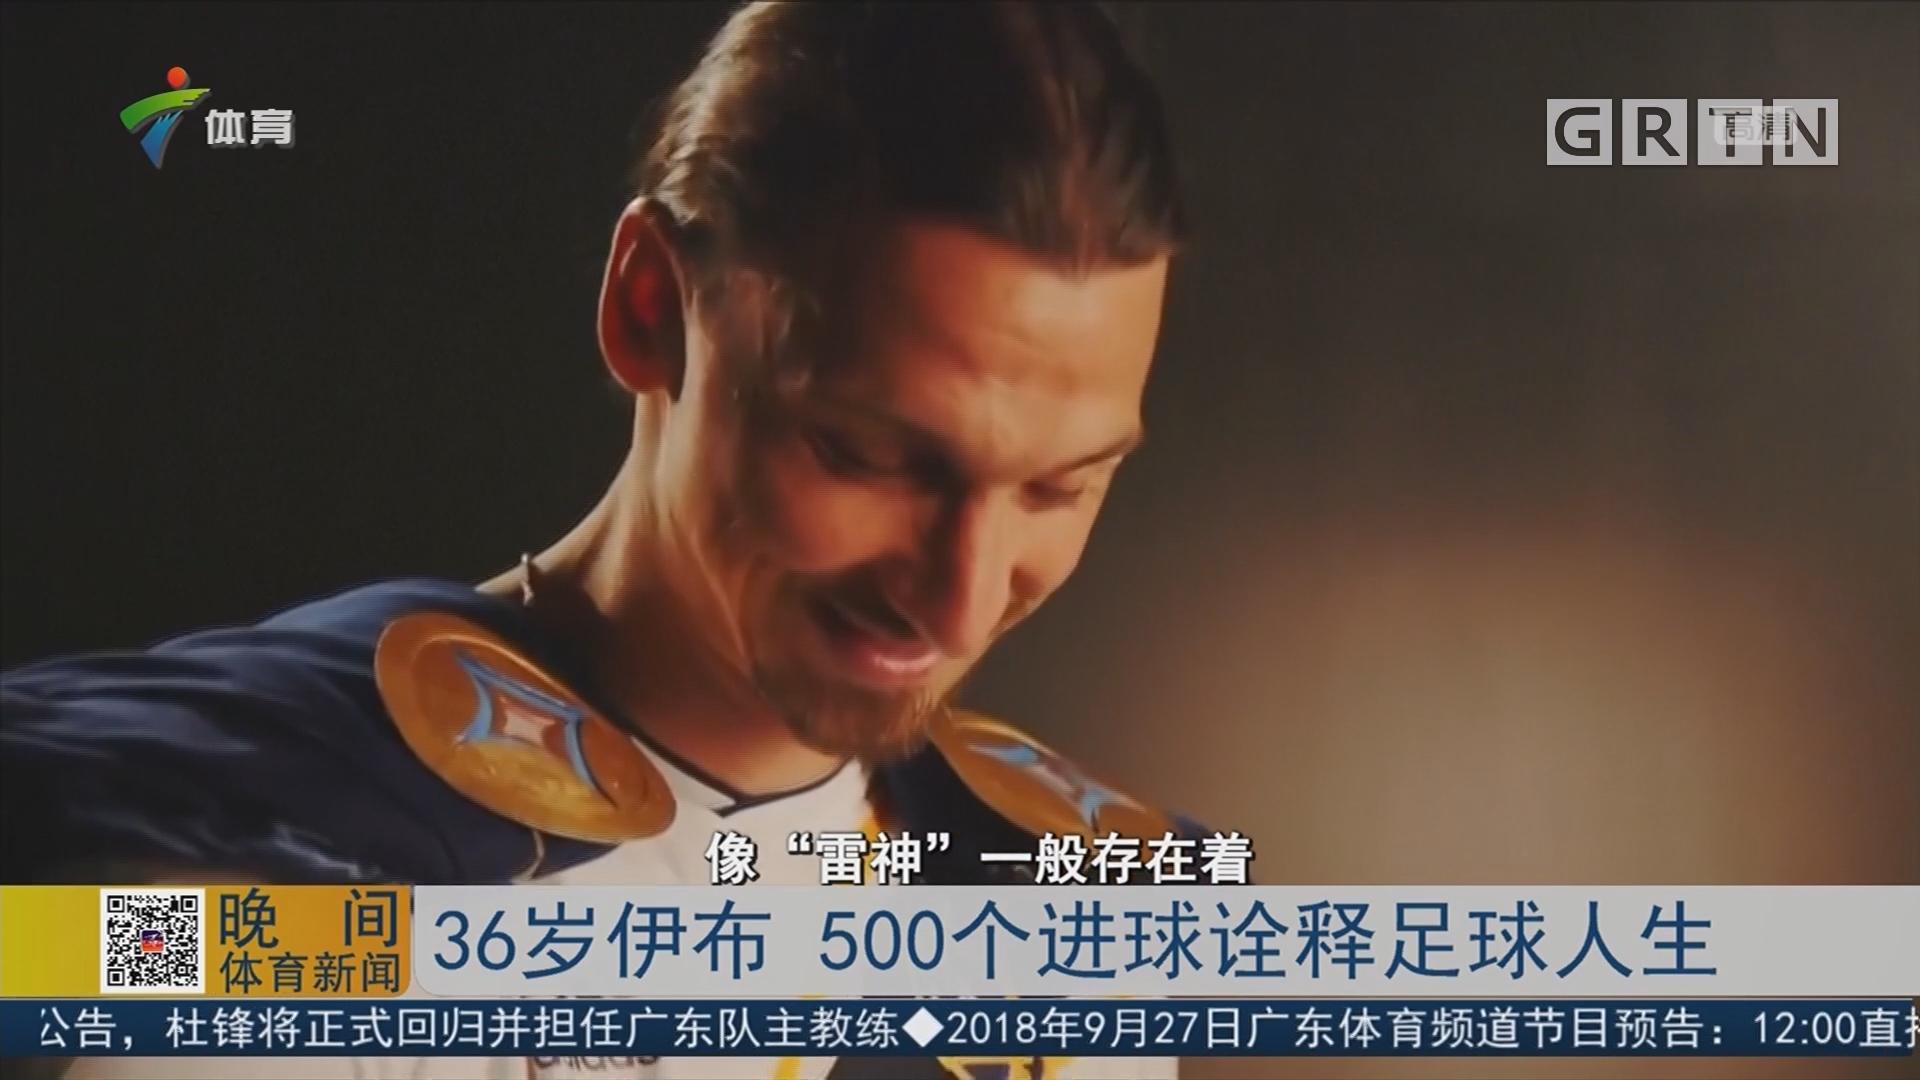 36岁伊布 500个进球诠释足球人生